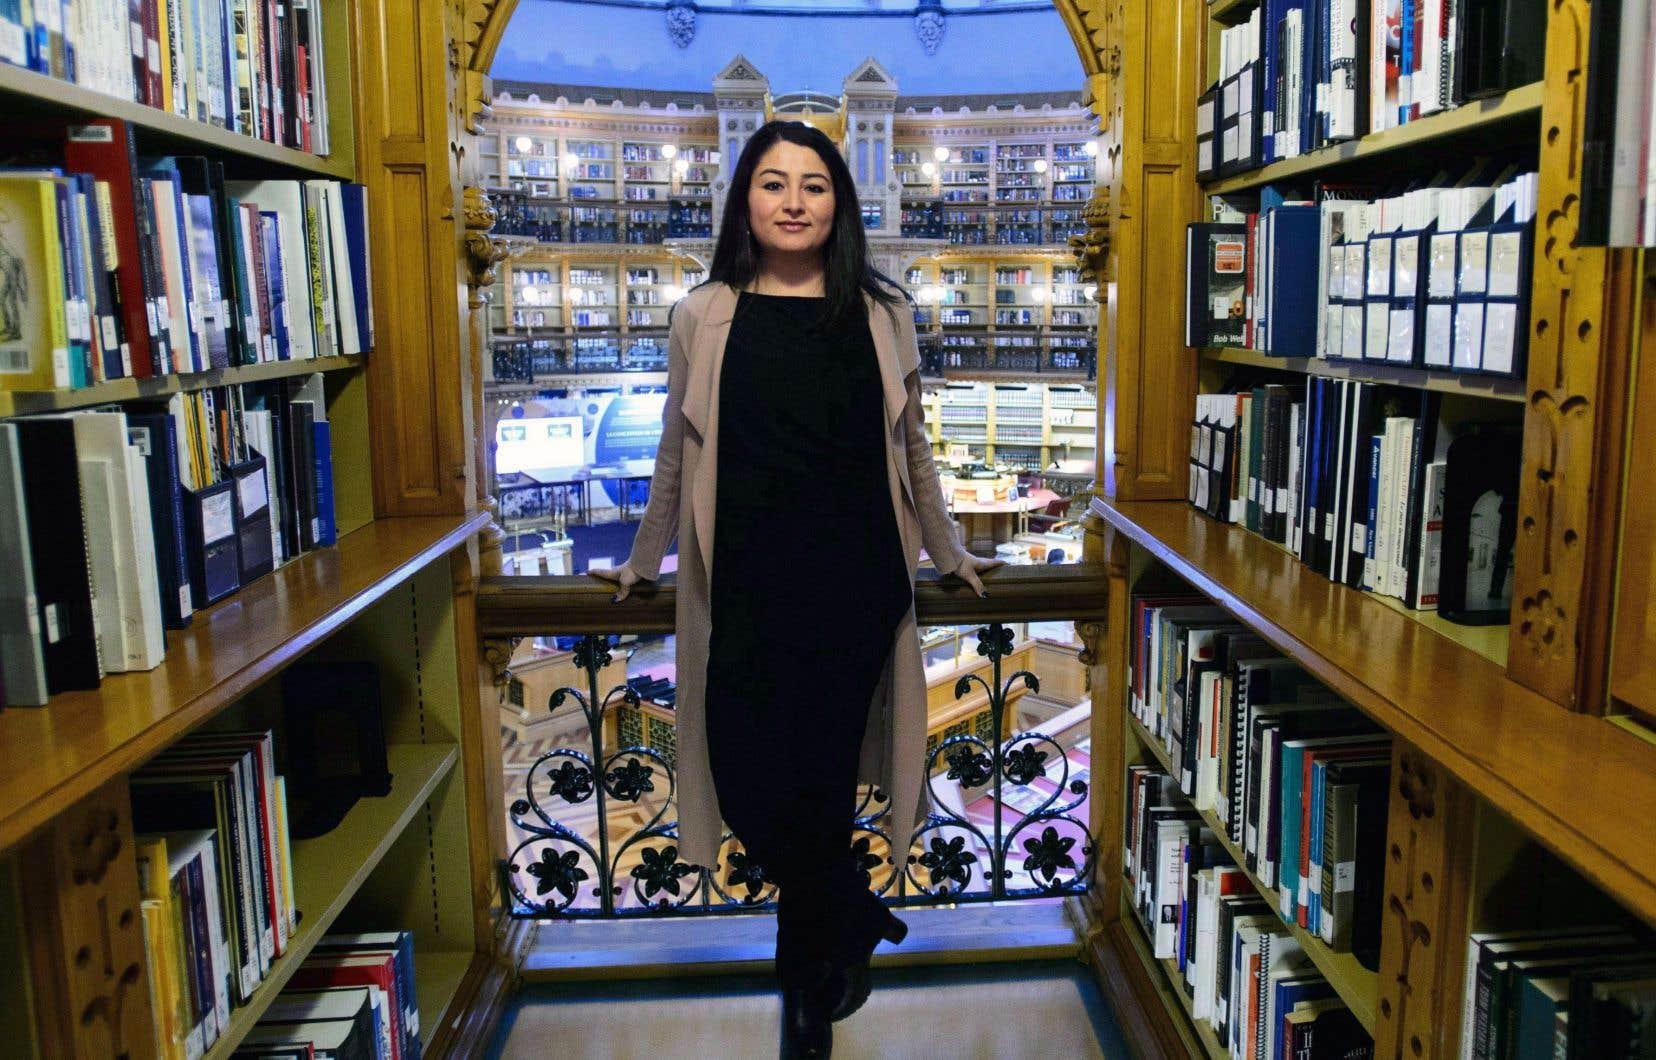 La ministre de la Condition féminine, Maryam Monsef, photographiée dans la bibliothèque du parlement d'Ottawa.